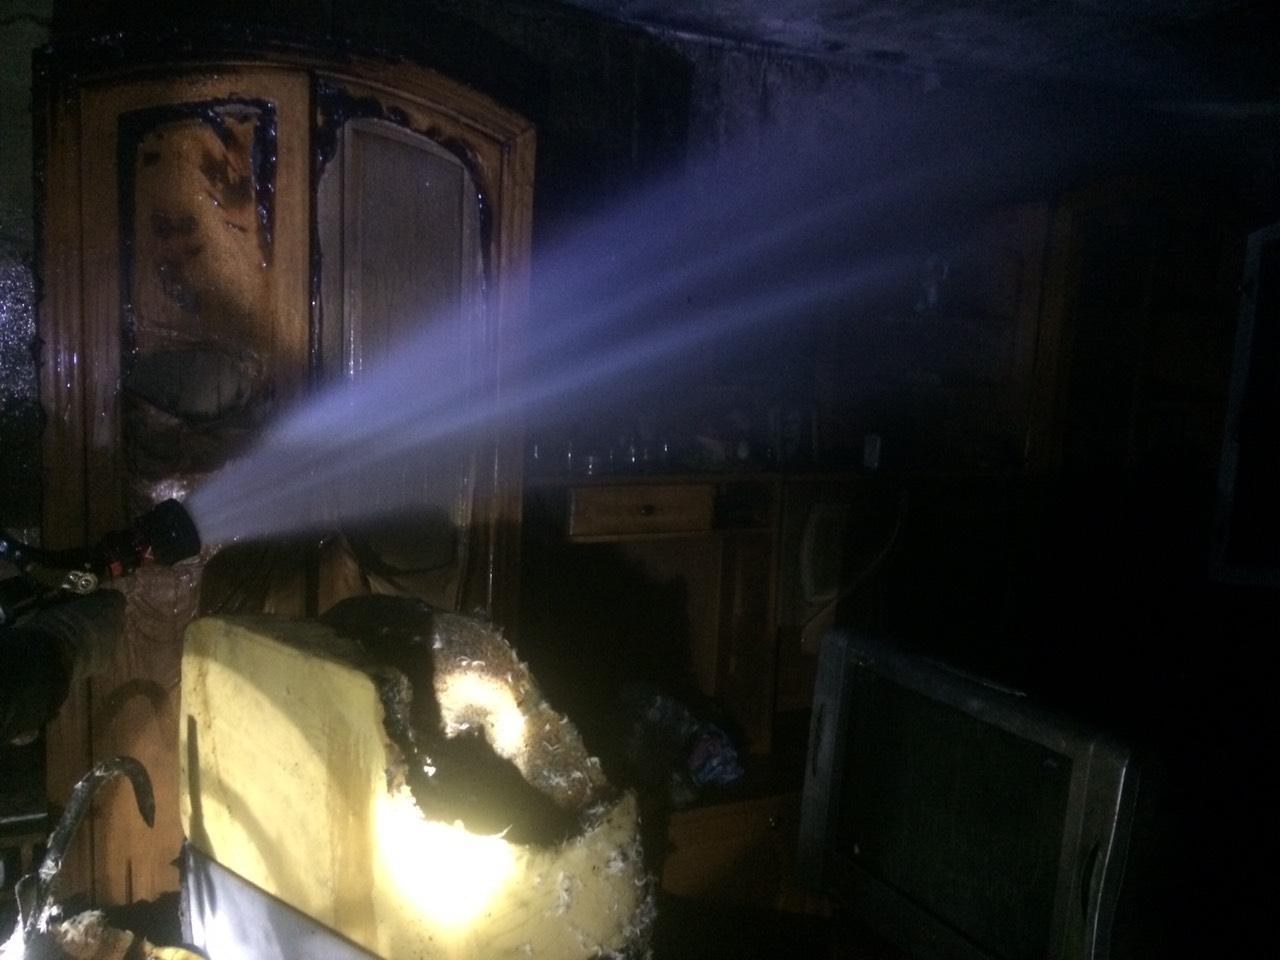 У Білій Церкві під час пожежі врятували жінку, прикуту до ліжка - рятувальники, пожежа, ДСНС, Біла Церква - yzobrazhenye viber